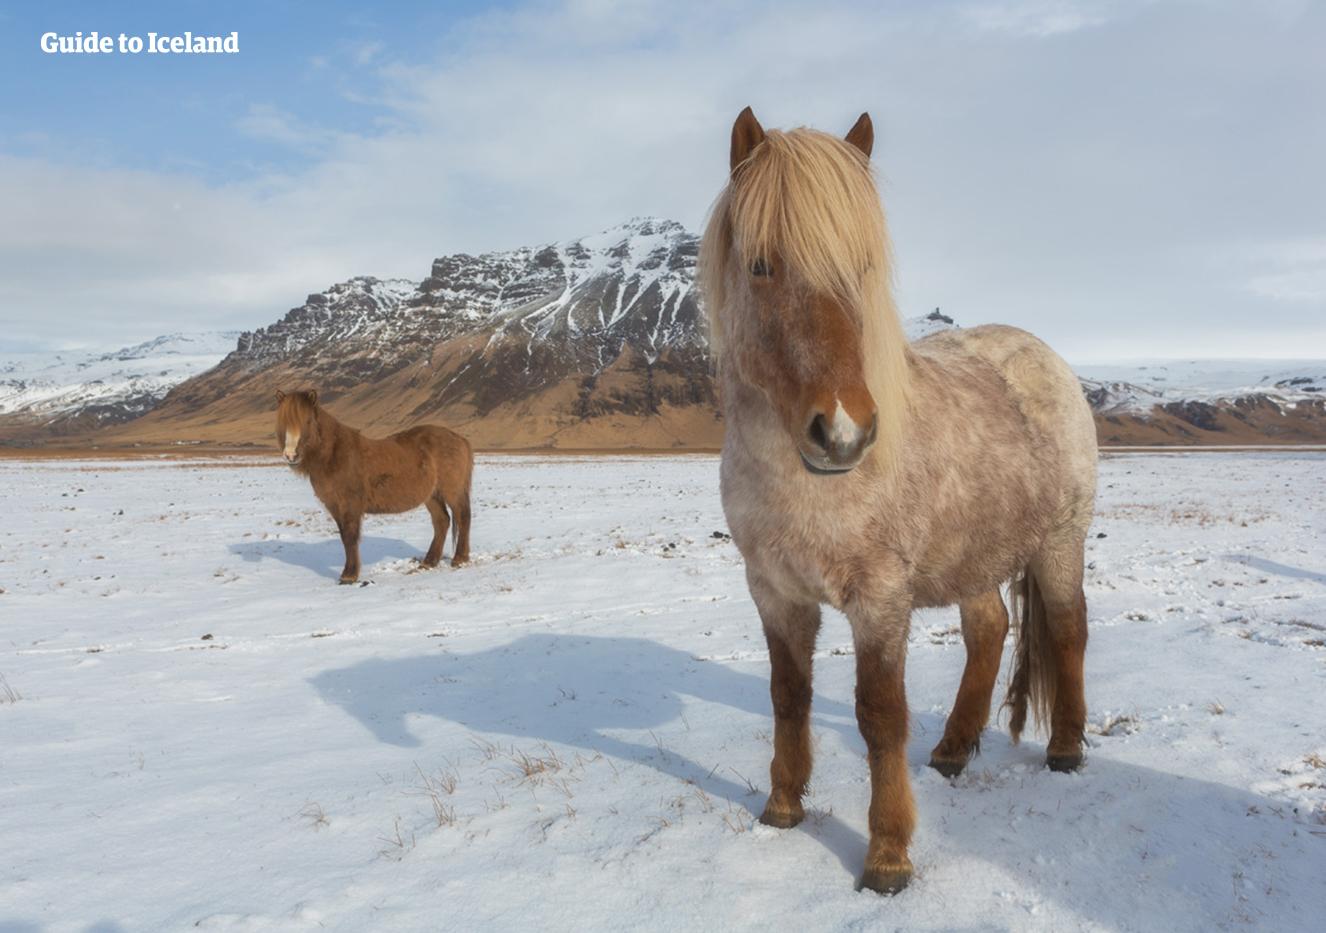 겨울동안 아이슬란드의 토종말은 두꺼운 털로 추위를 견뎌낼 수가 있습니다.